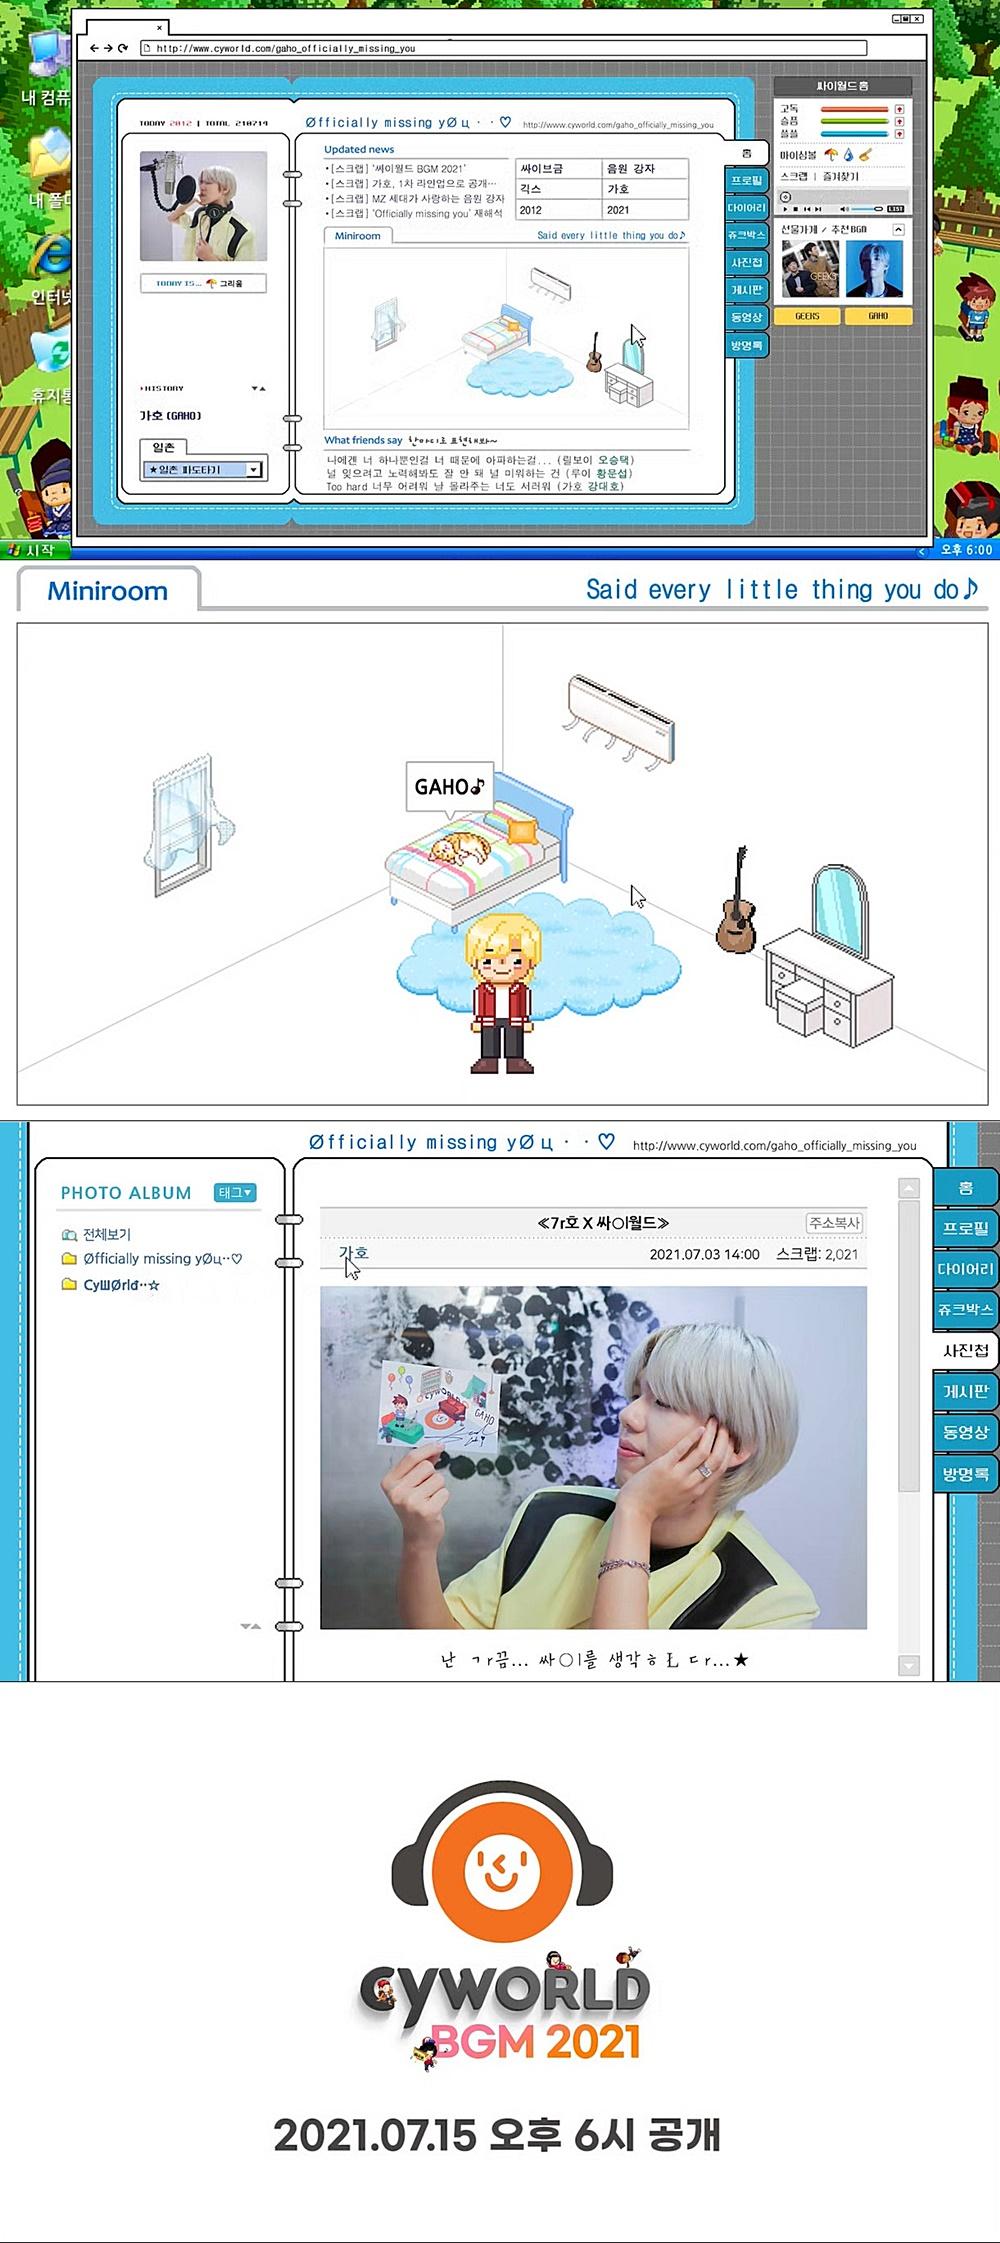 15일(목), 가호(Gaho) 싸이월드 리메이크 앨범 'Officially Missing You' 발매   인스티즈